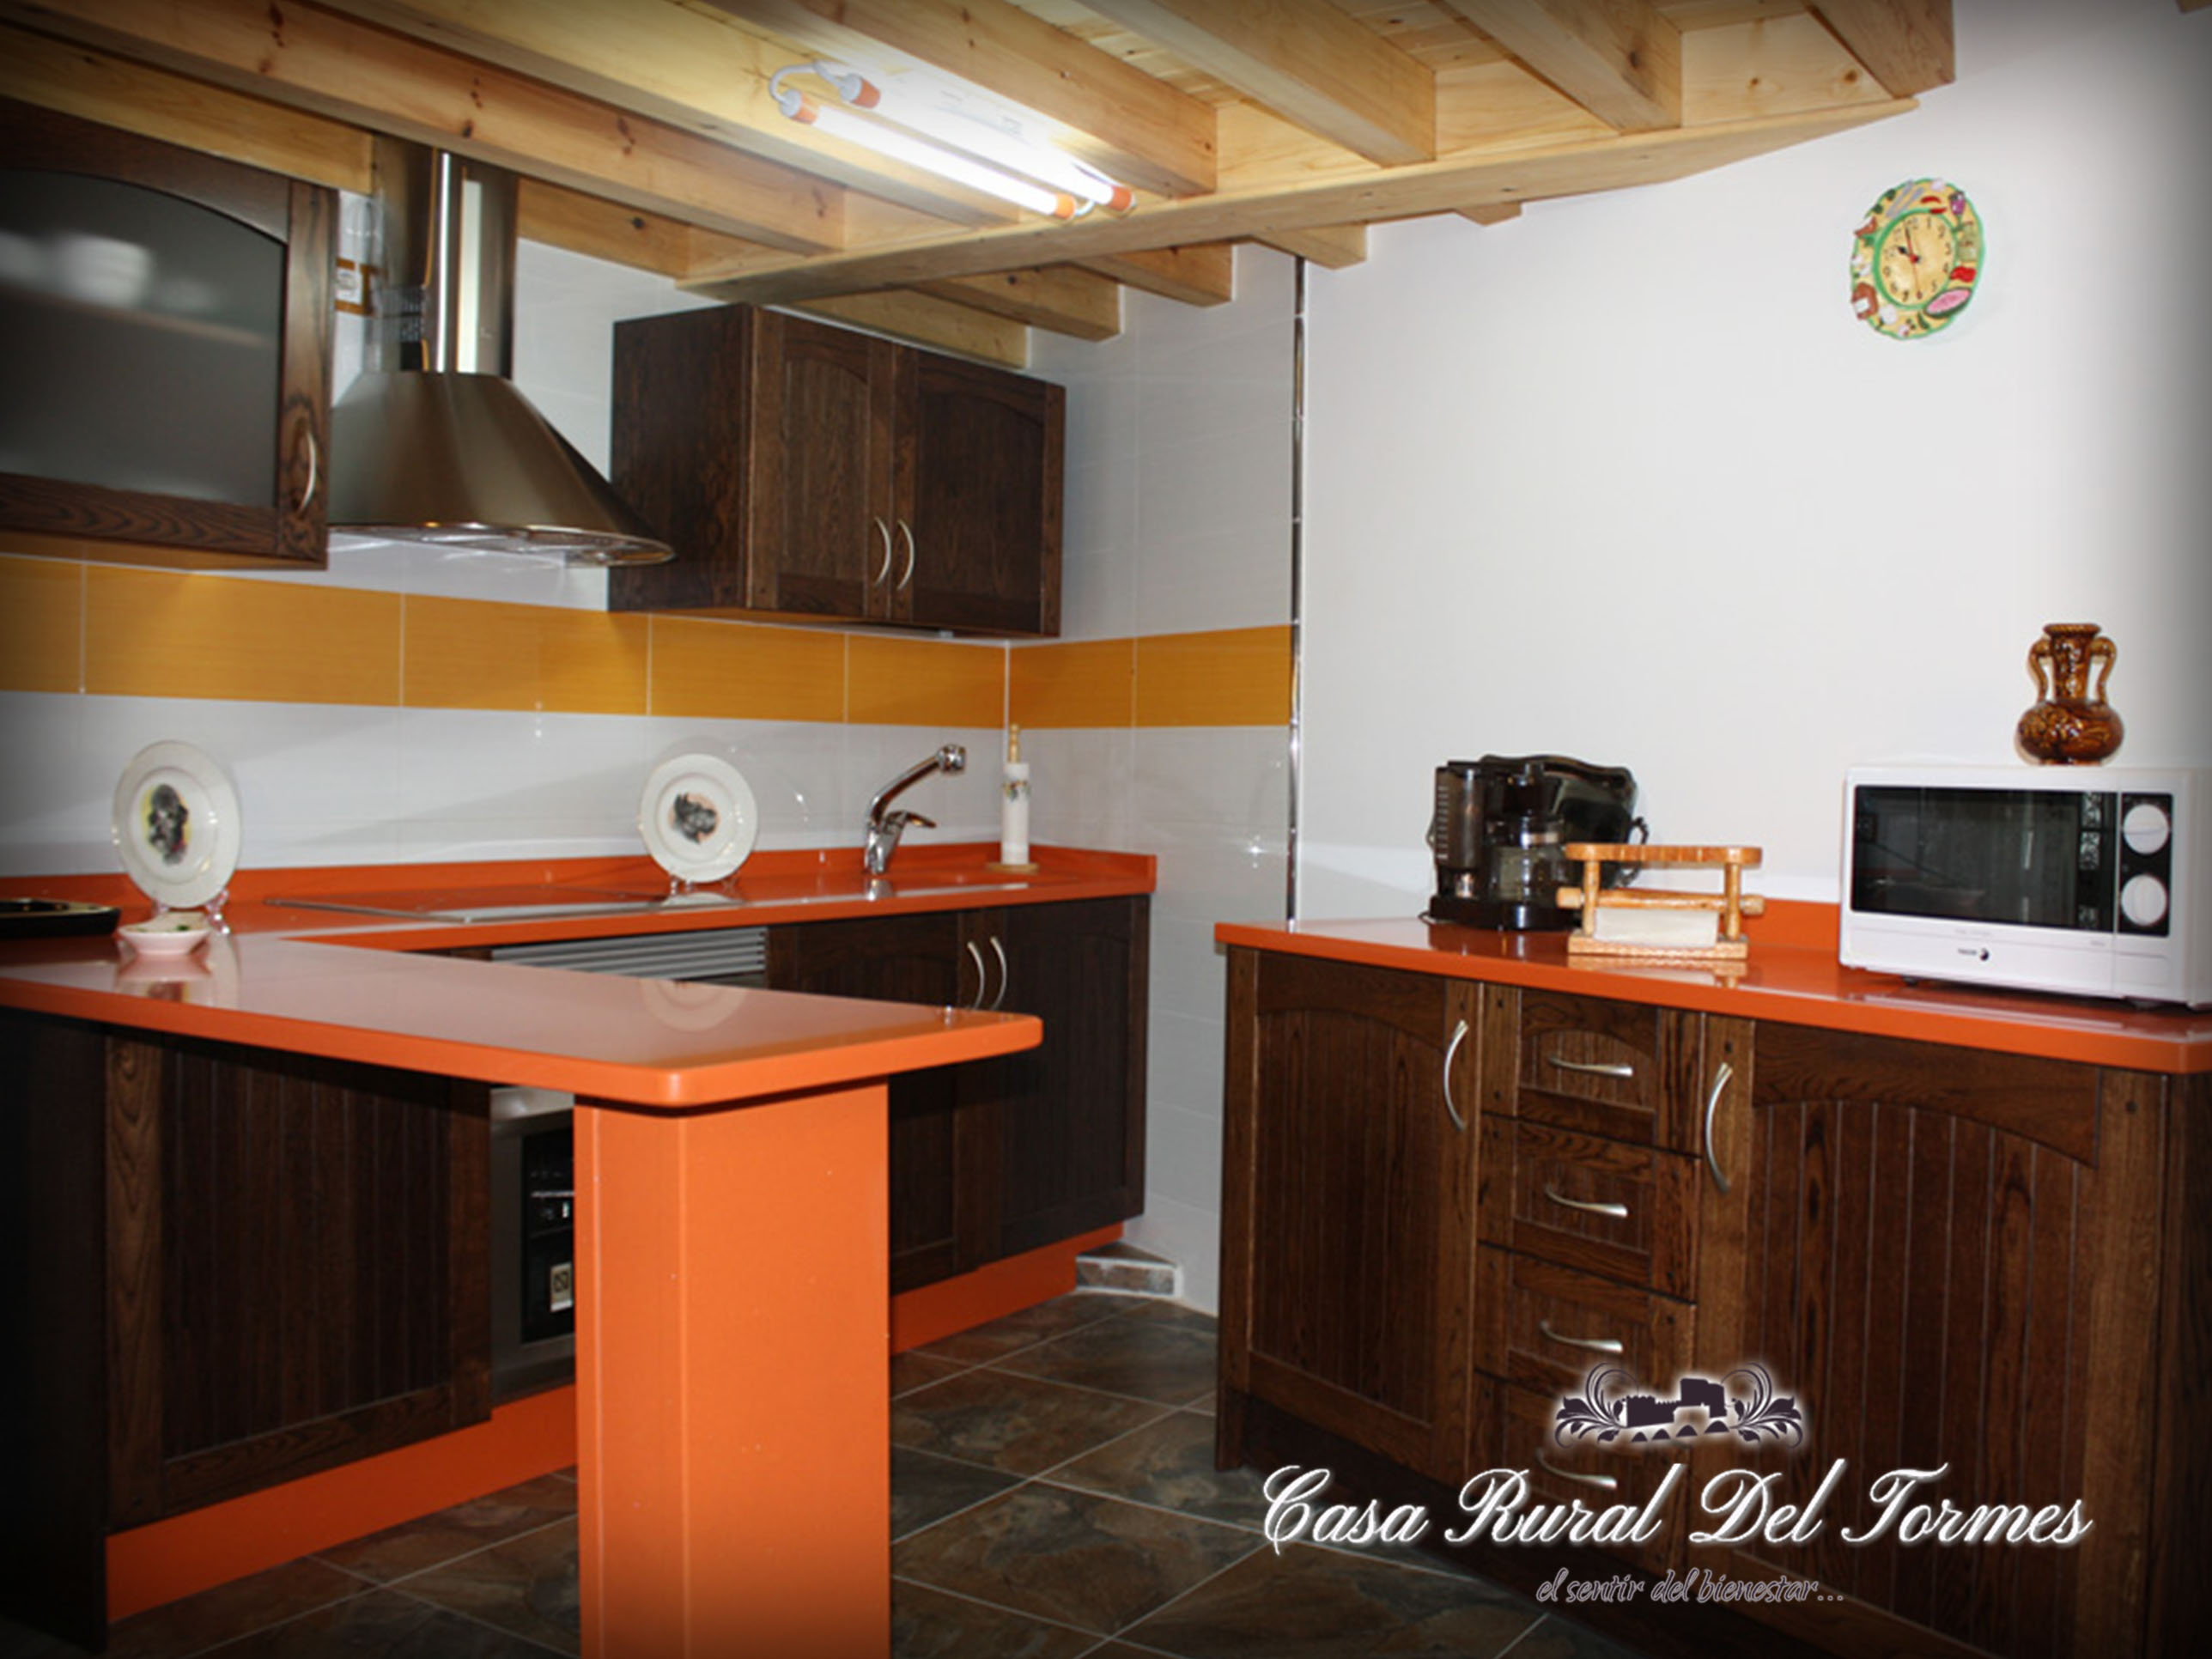 Sala de tv y cocina id ias interessantes for Sala de estar y cocina